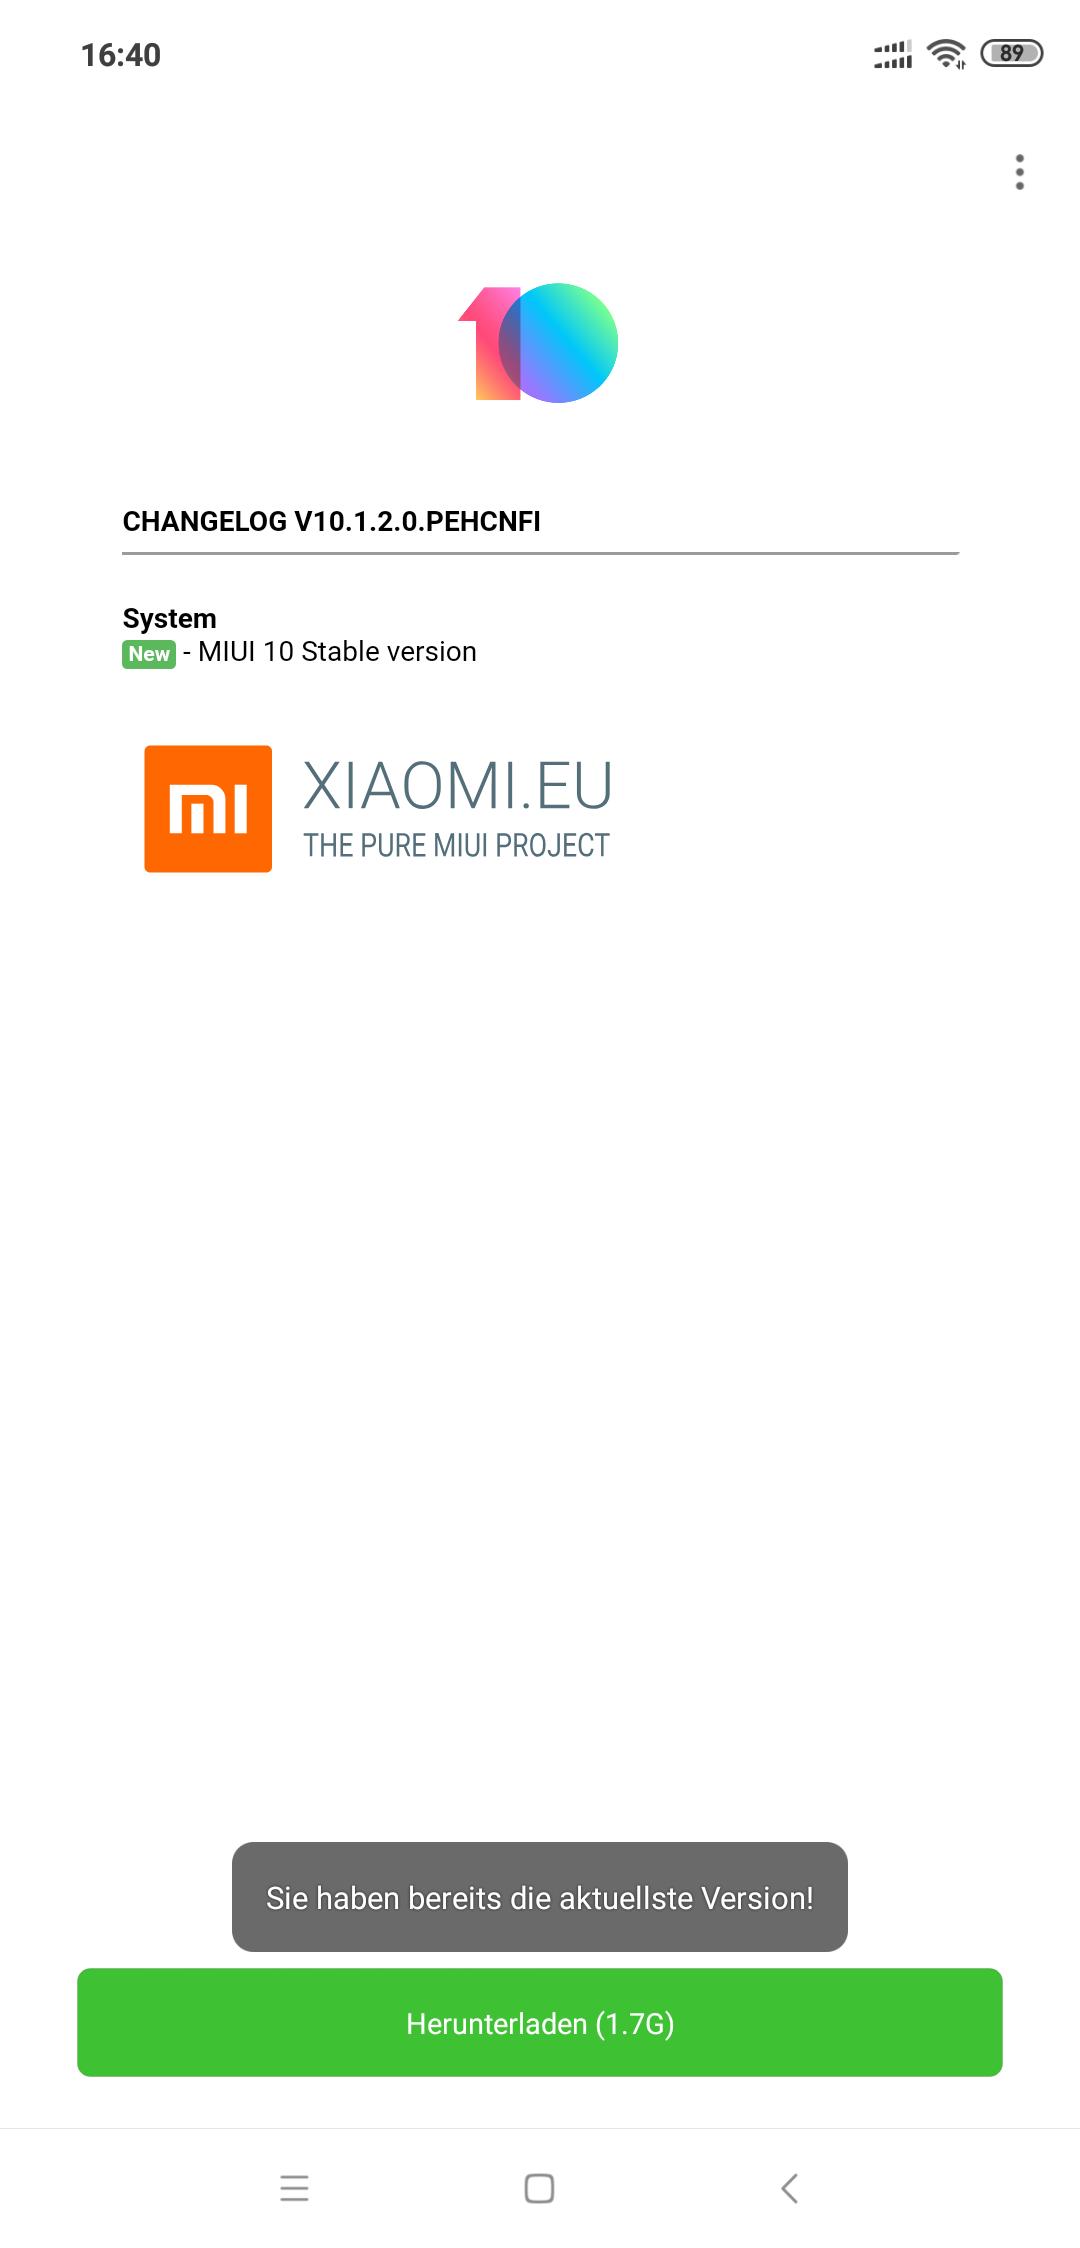 Screenshot_2019-01-11-16-40-41-816_pl.zdunex25.updater.png